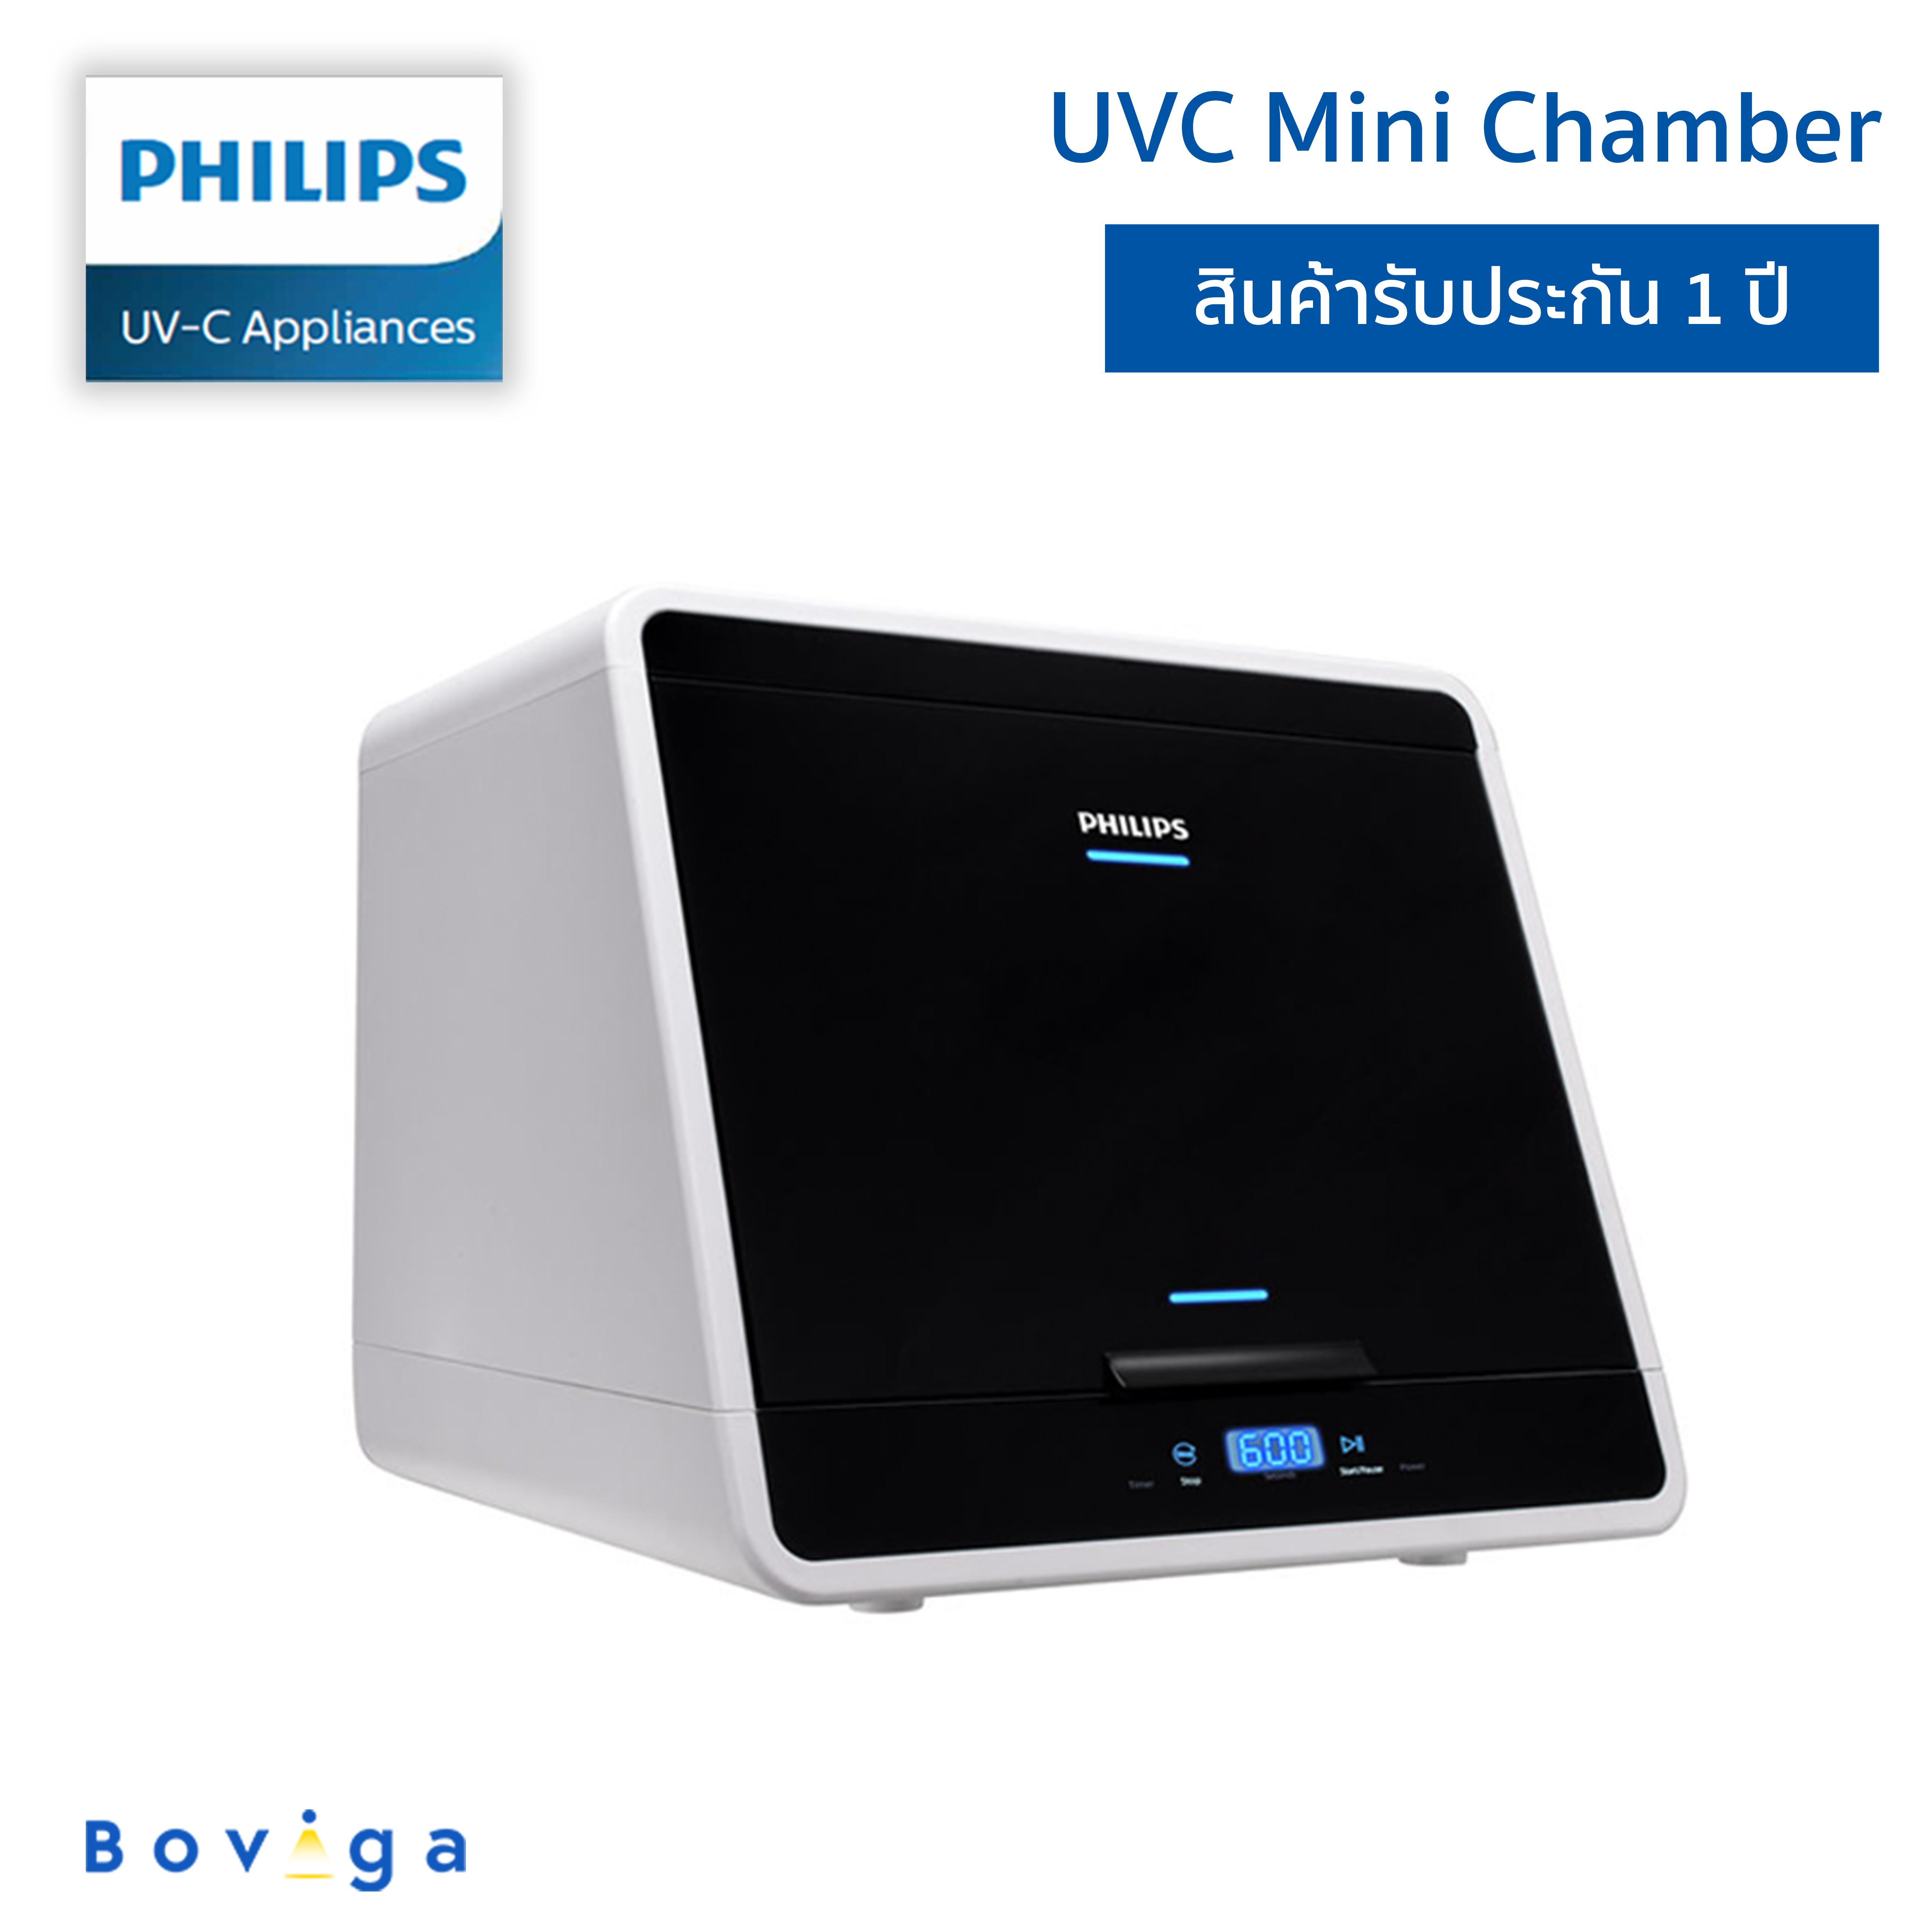 ฟิลิปส์ UVC ตู้ยับยั้งการทำงานของเชื้อโรค ขนาด mini ความจุ 48 ลิตร | Philips UVC MINI CHAMBER 48L